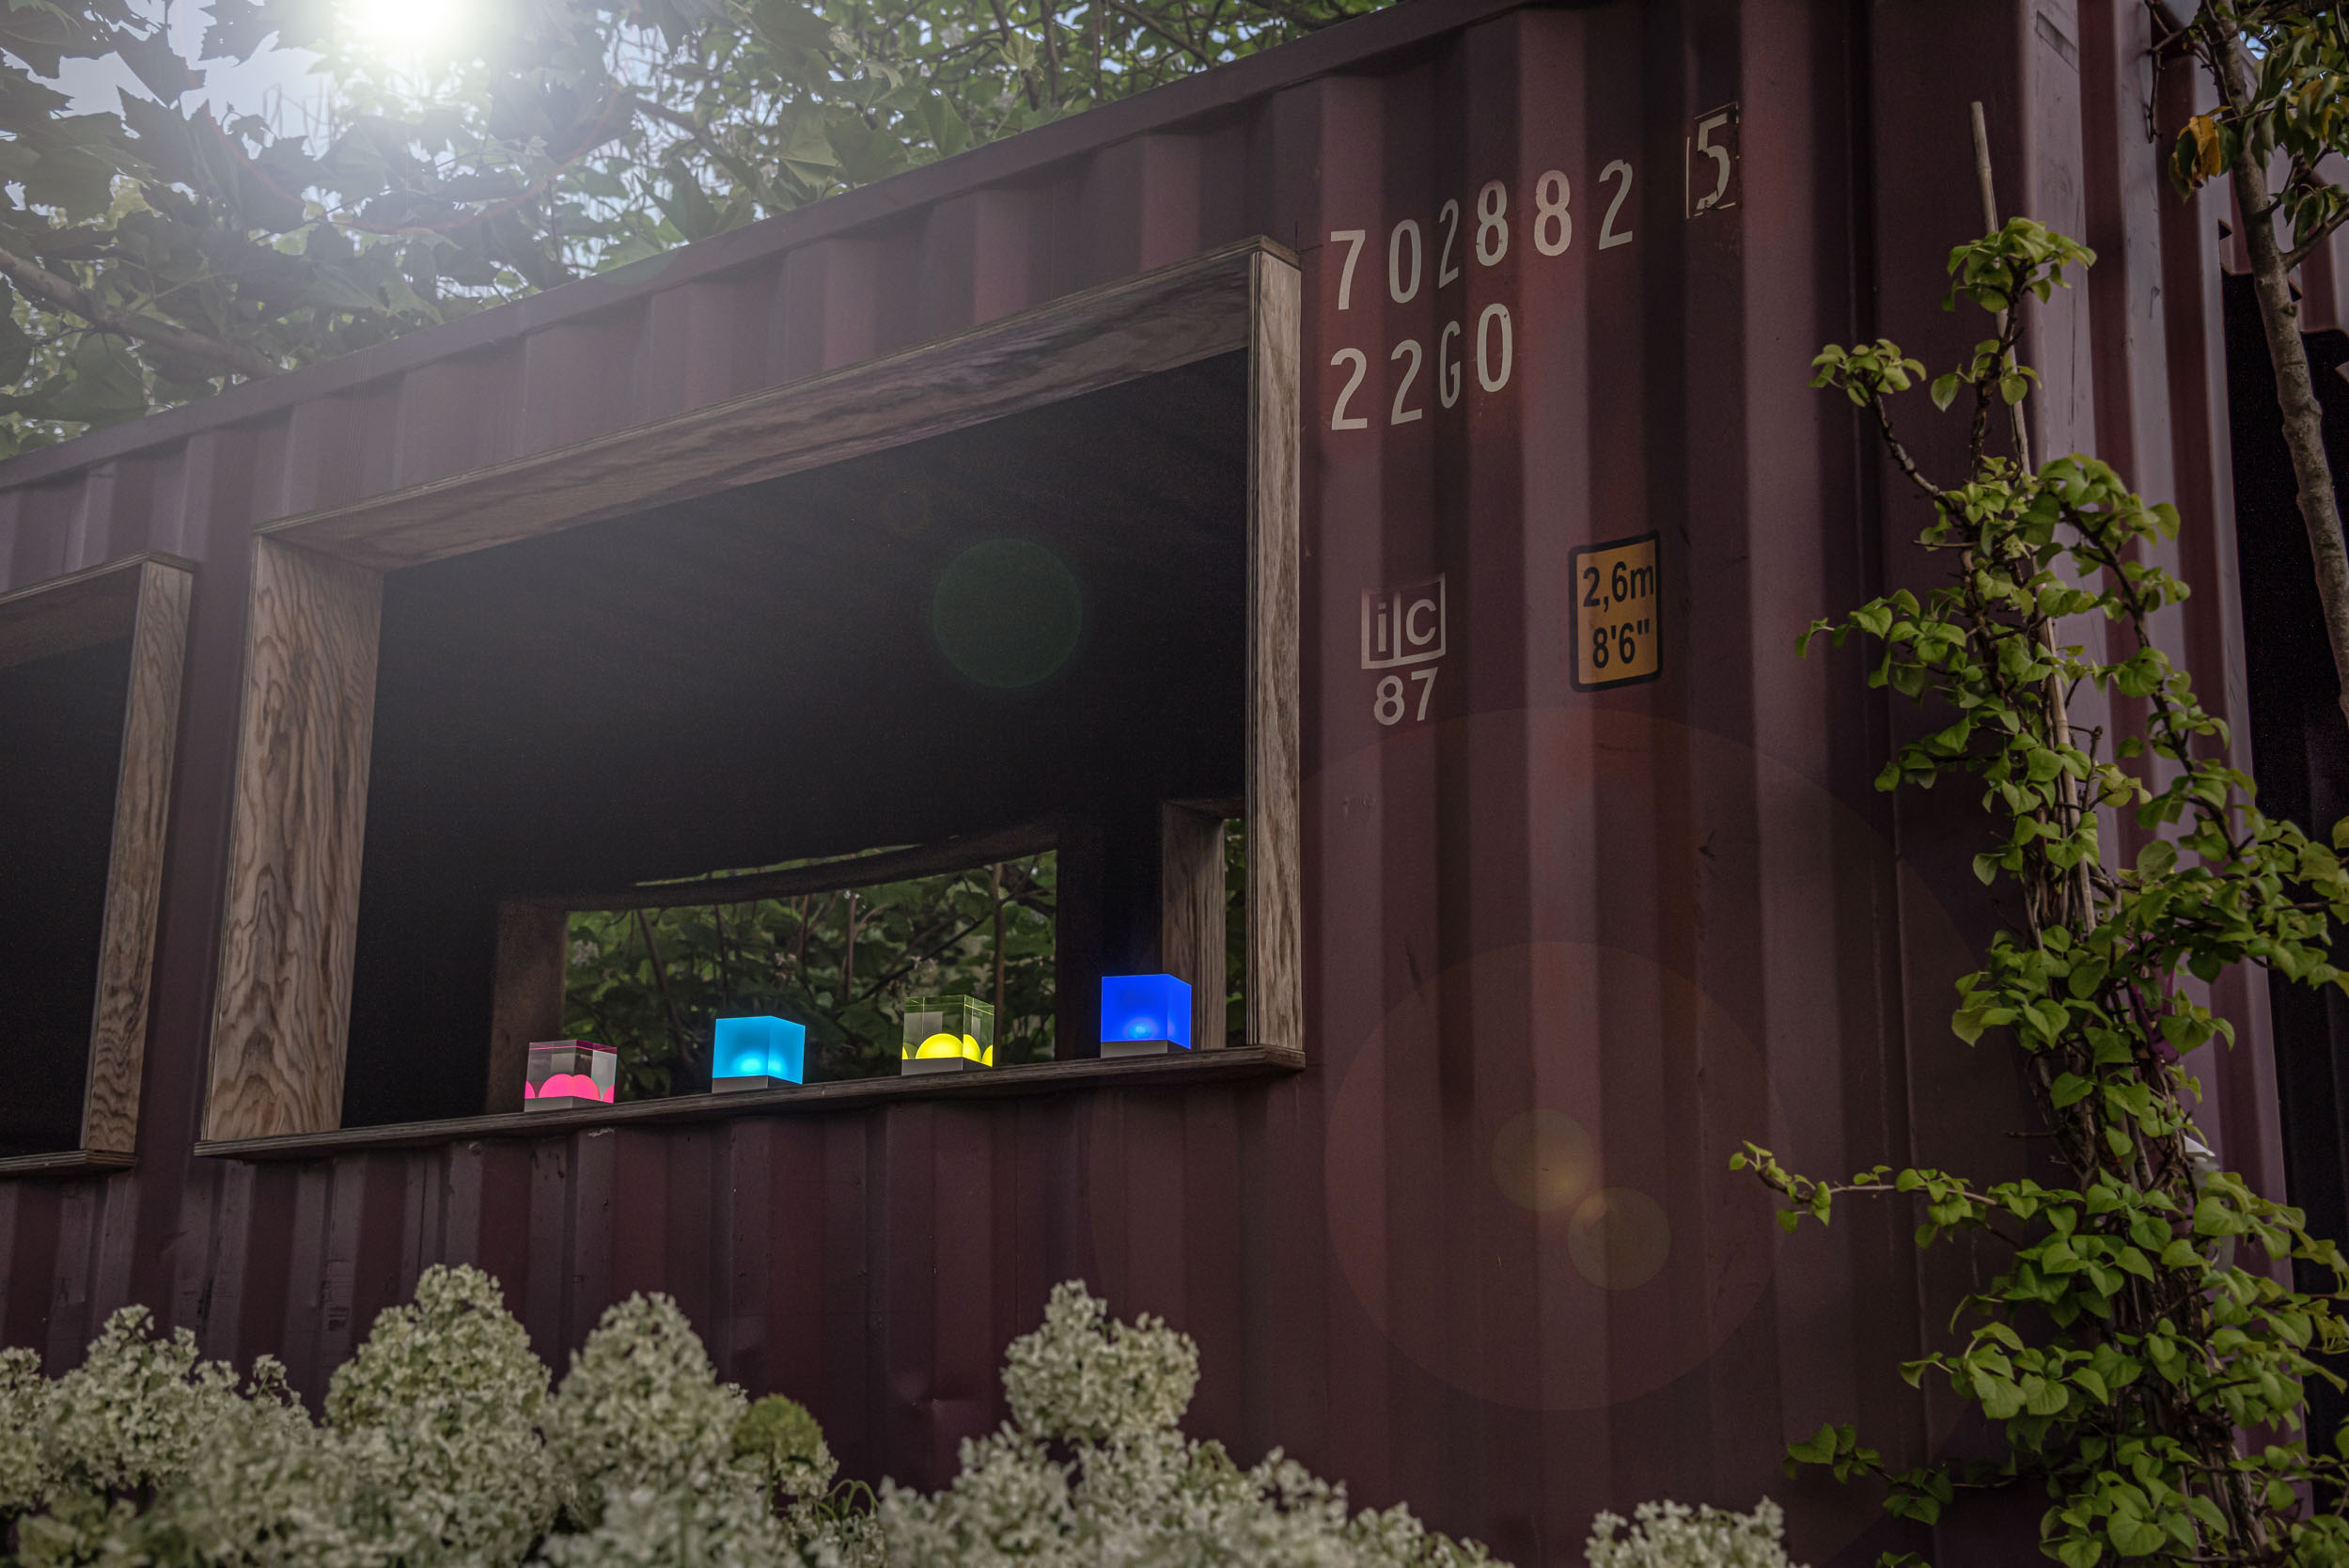 CUBE Outdoor Lichter für Garten Beleuchtung im Container